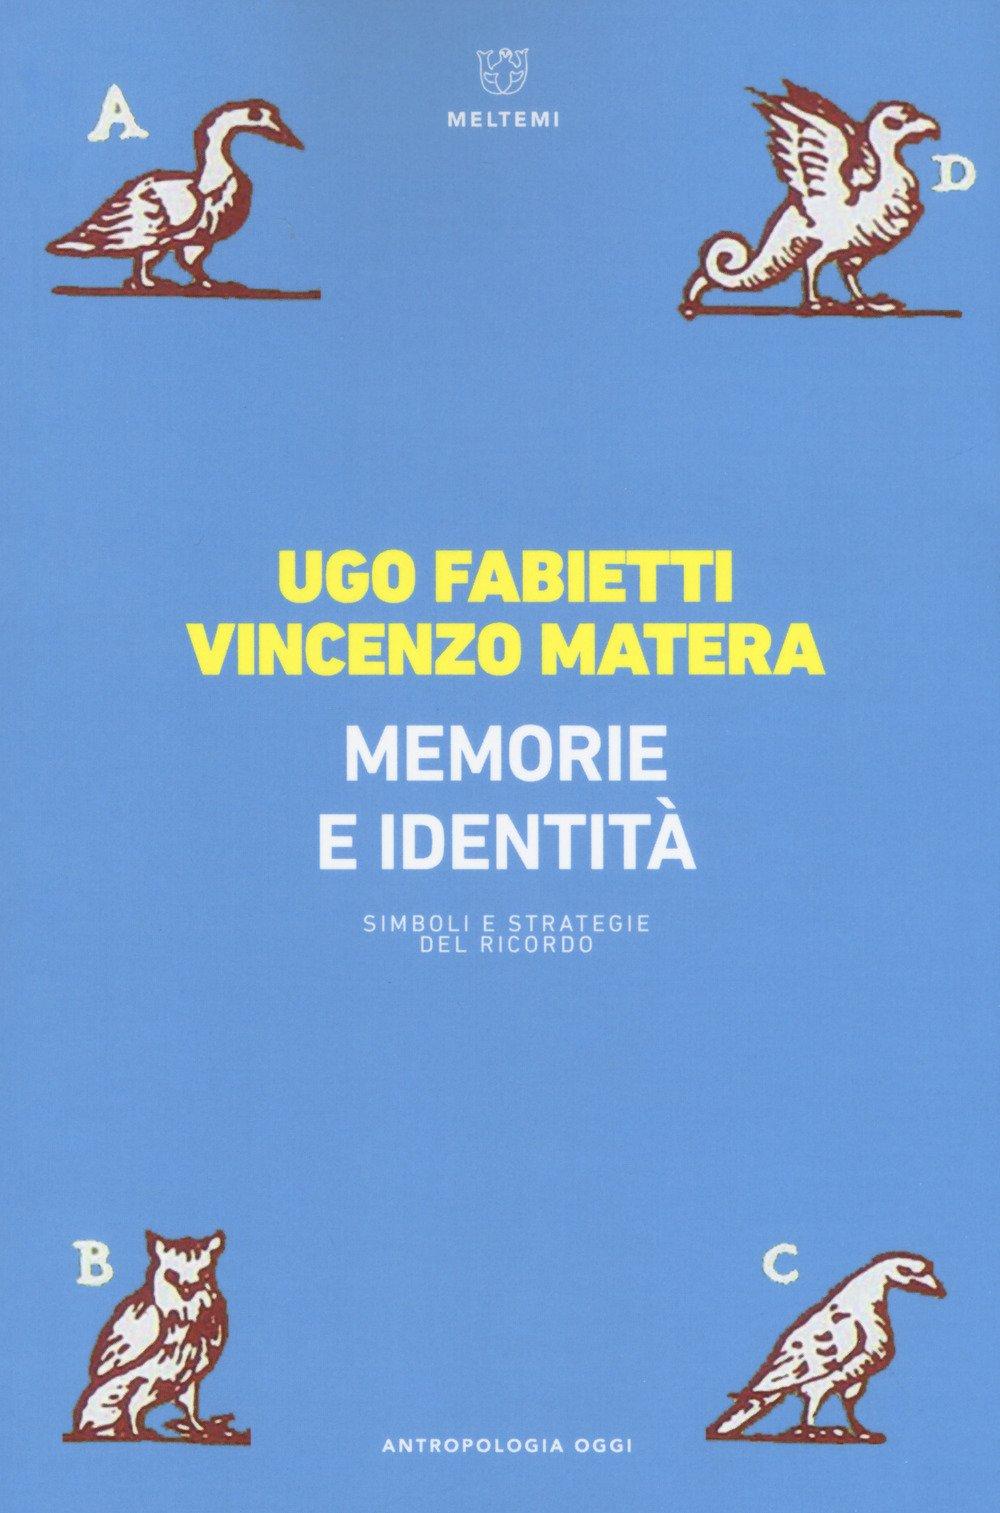 Memoria e identità. Simboli e strategie del ricordo Copertina flessibile – 31 mag 2018 Ugo Fabietti Vincenzo Matera Meltemi 8883538307